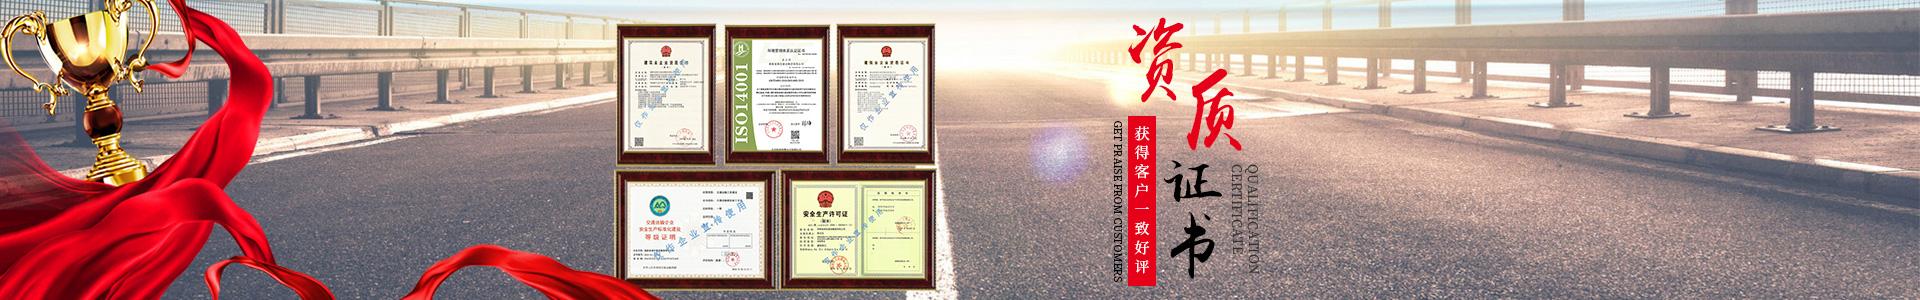 湖南省必威登录官网建设集团有限公司_必威登录官网建设|公路必威体育直播滚球承包|交安必威体育直播滚球承包